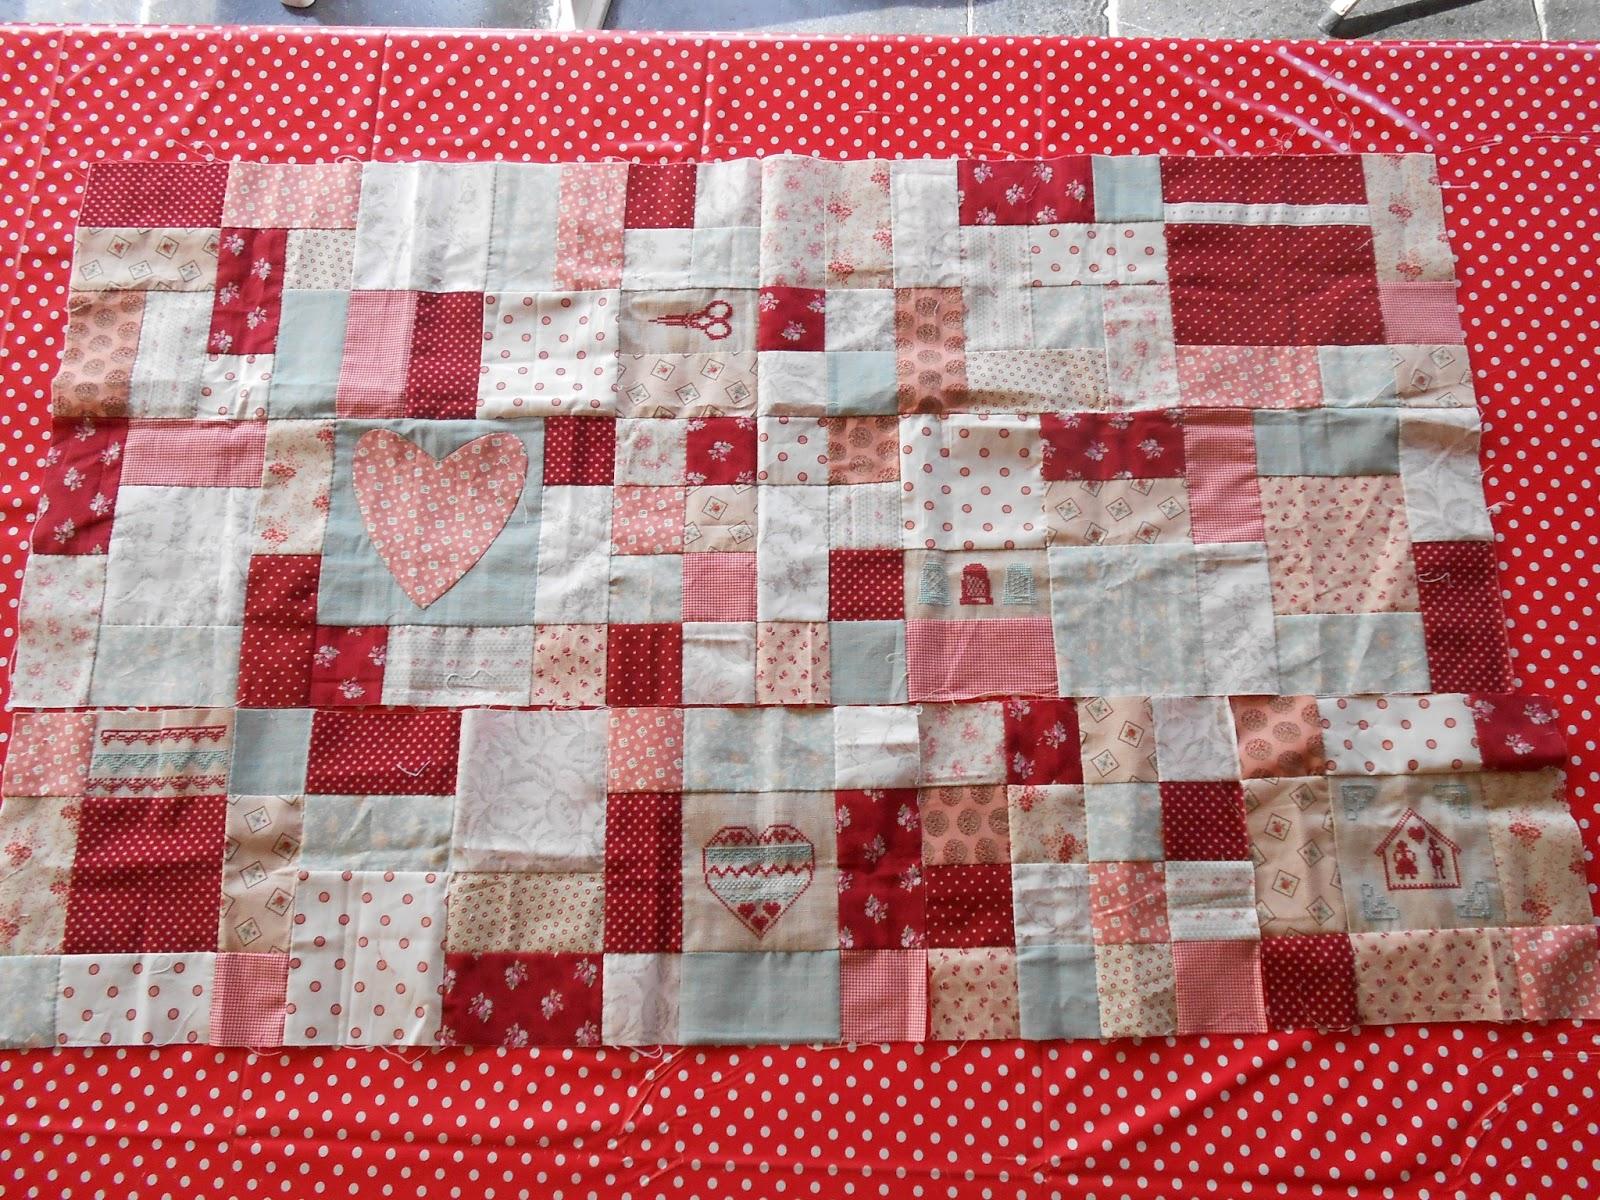 Quiltatelier aan zee quilt as you go for Quilt maken met naaimachine